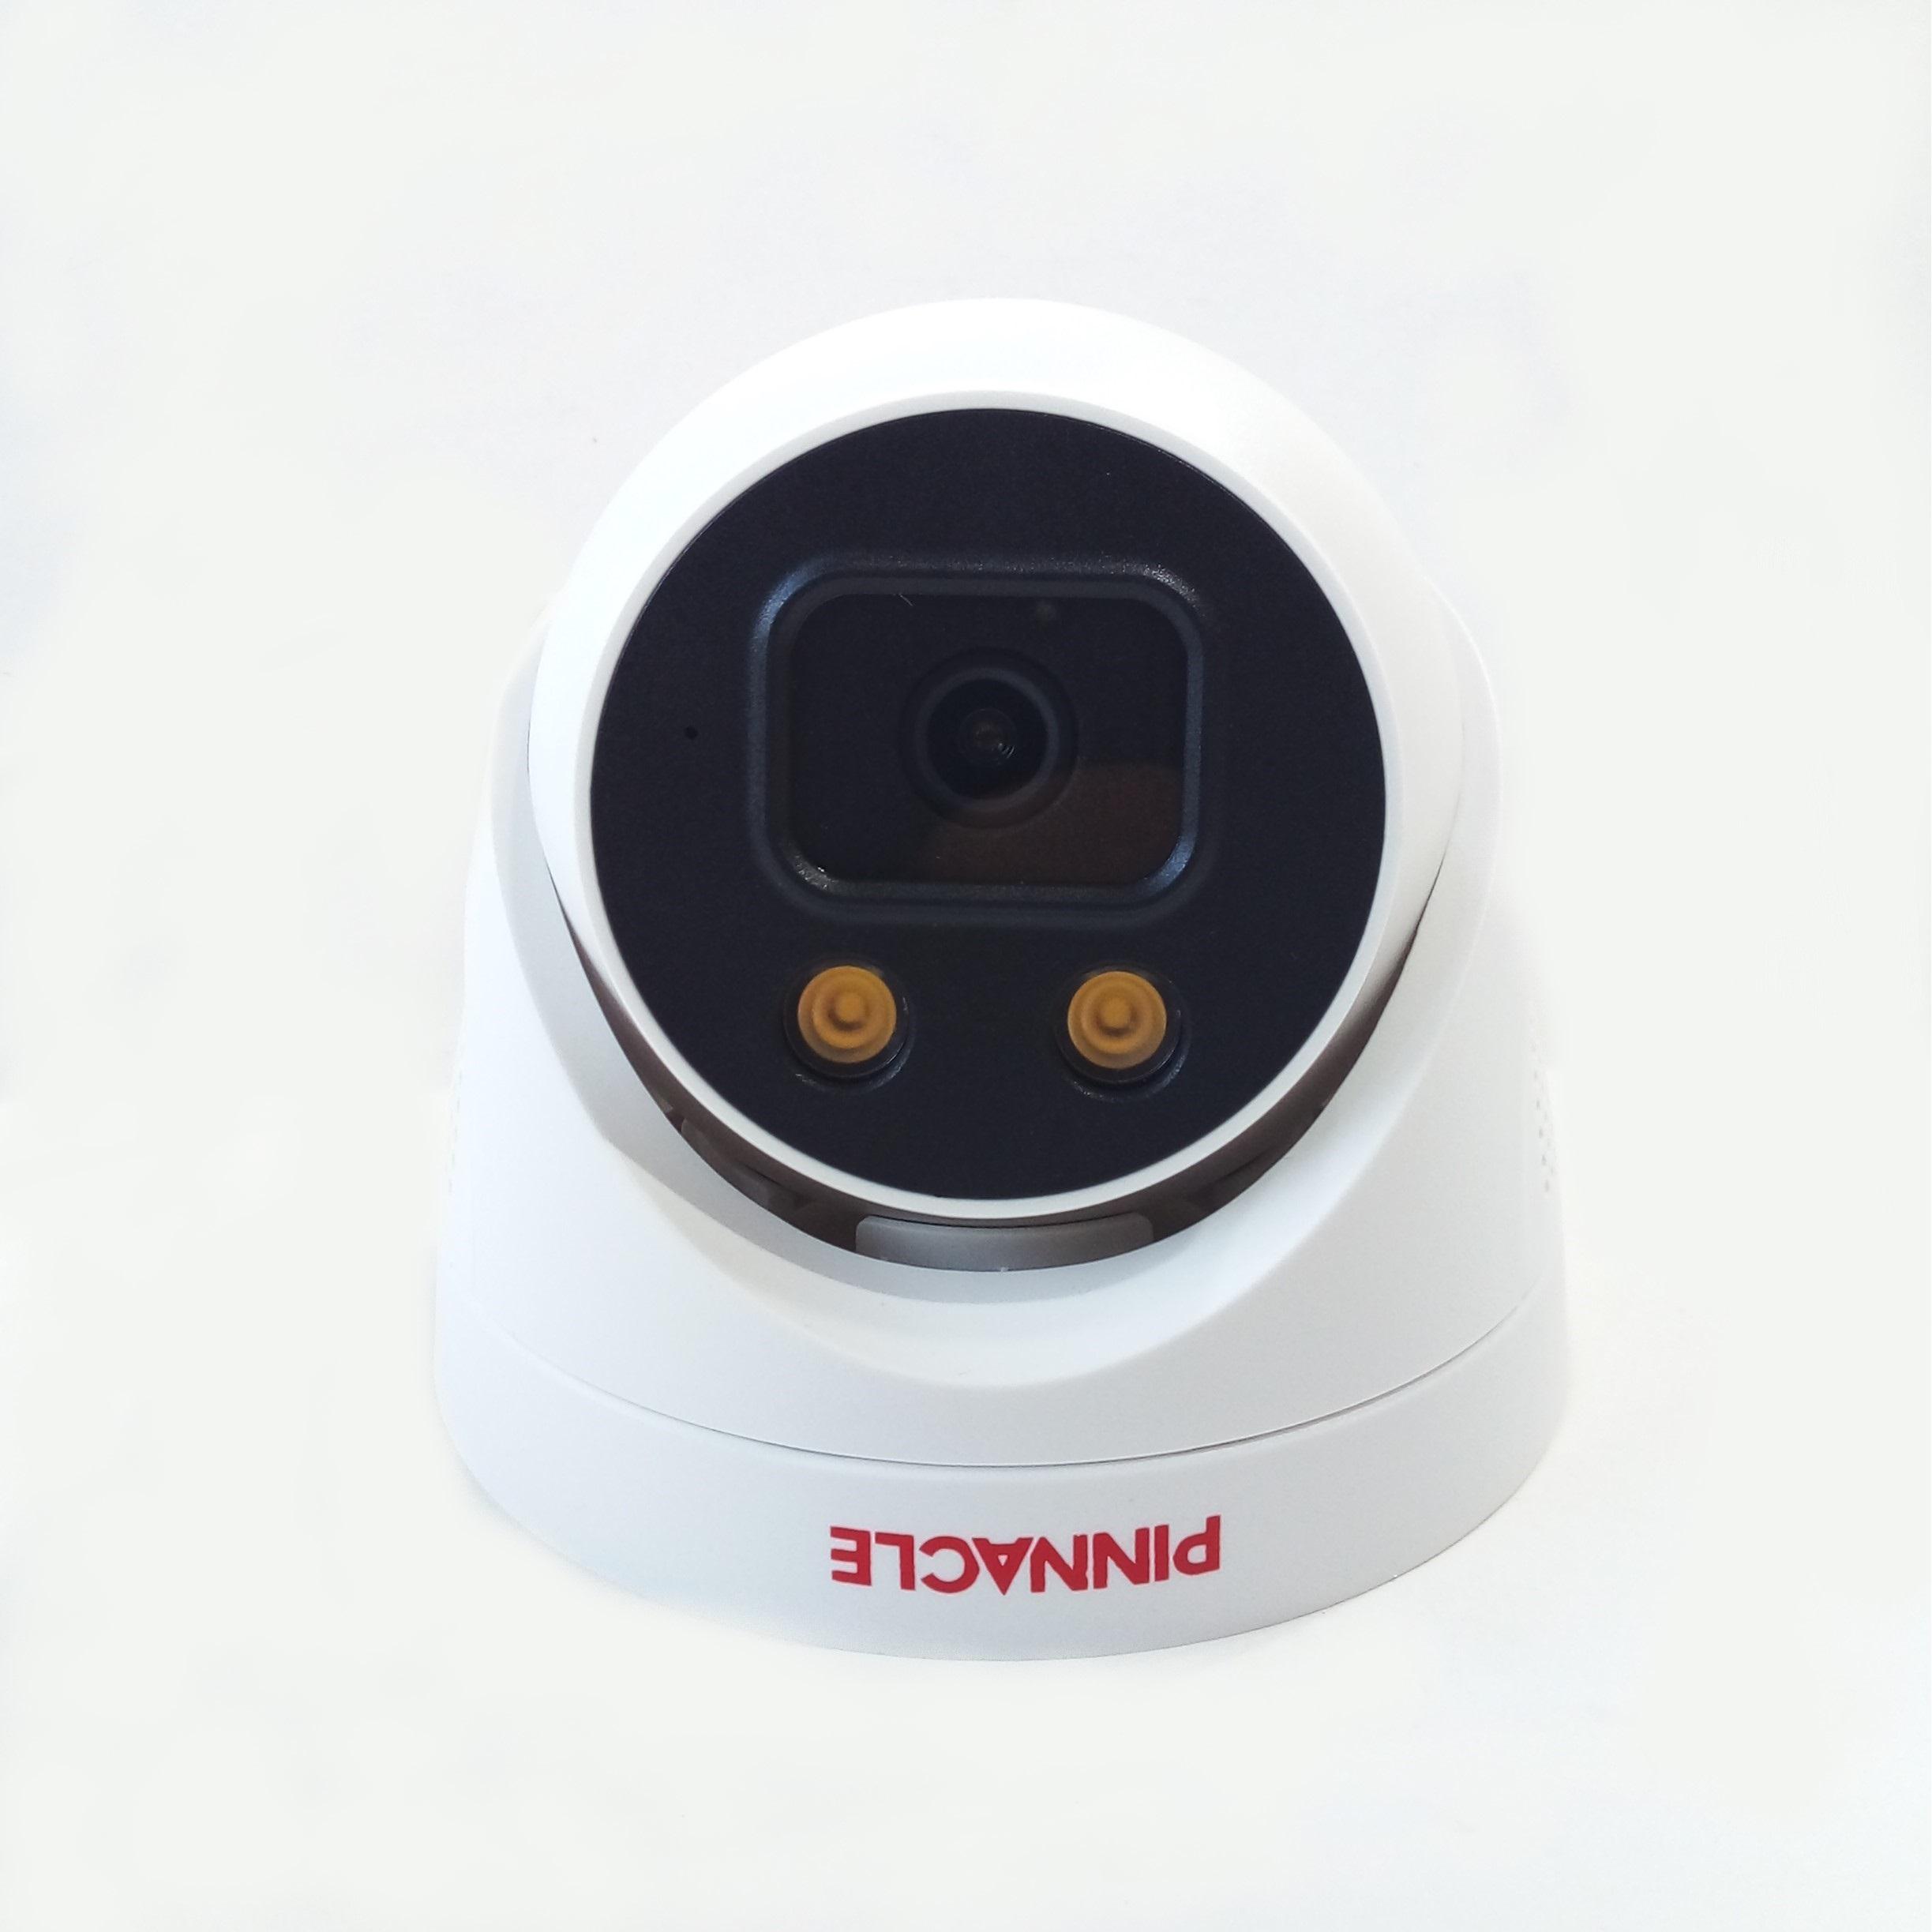 بررسی و خرید [با تخفیف]                                     دوربین مداربسته آنالوگ پیناکل مدل c2225w                             اورجینال